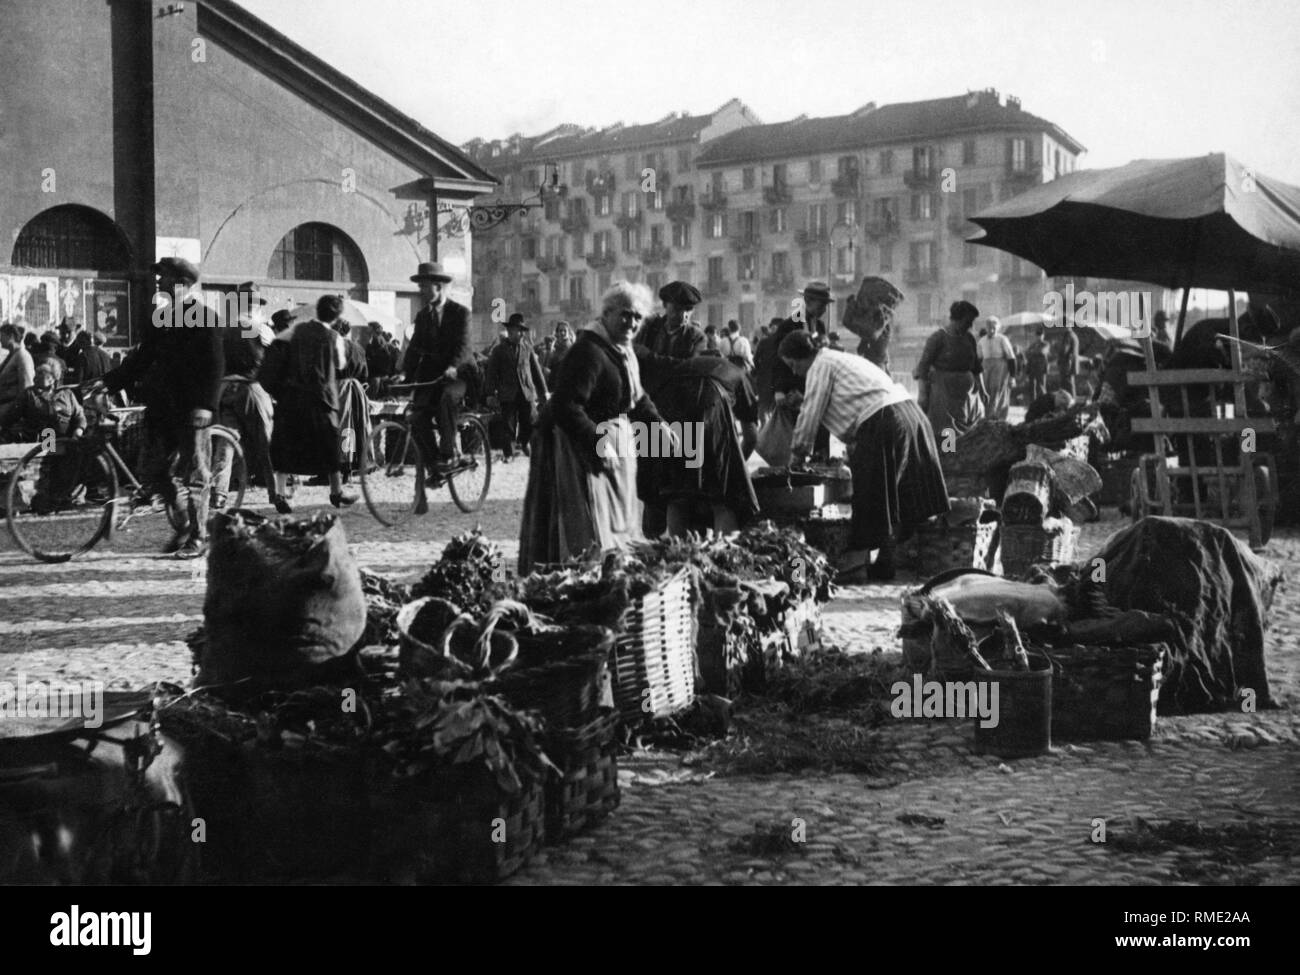 balon market, turin, piemonte, italy 1910-20 - Stock Image